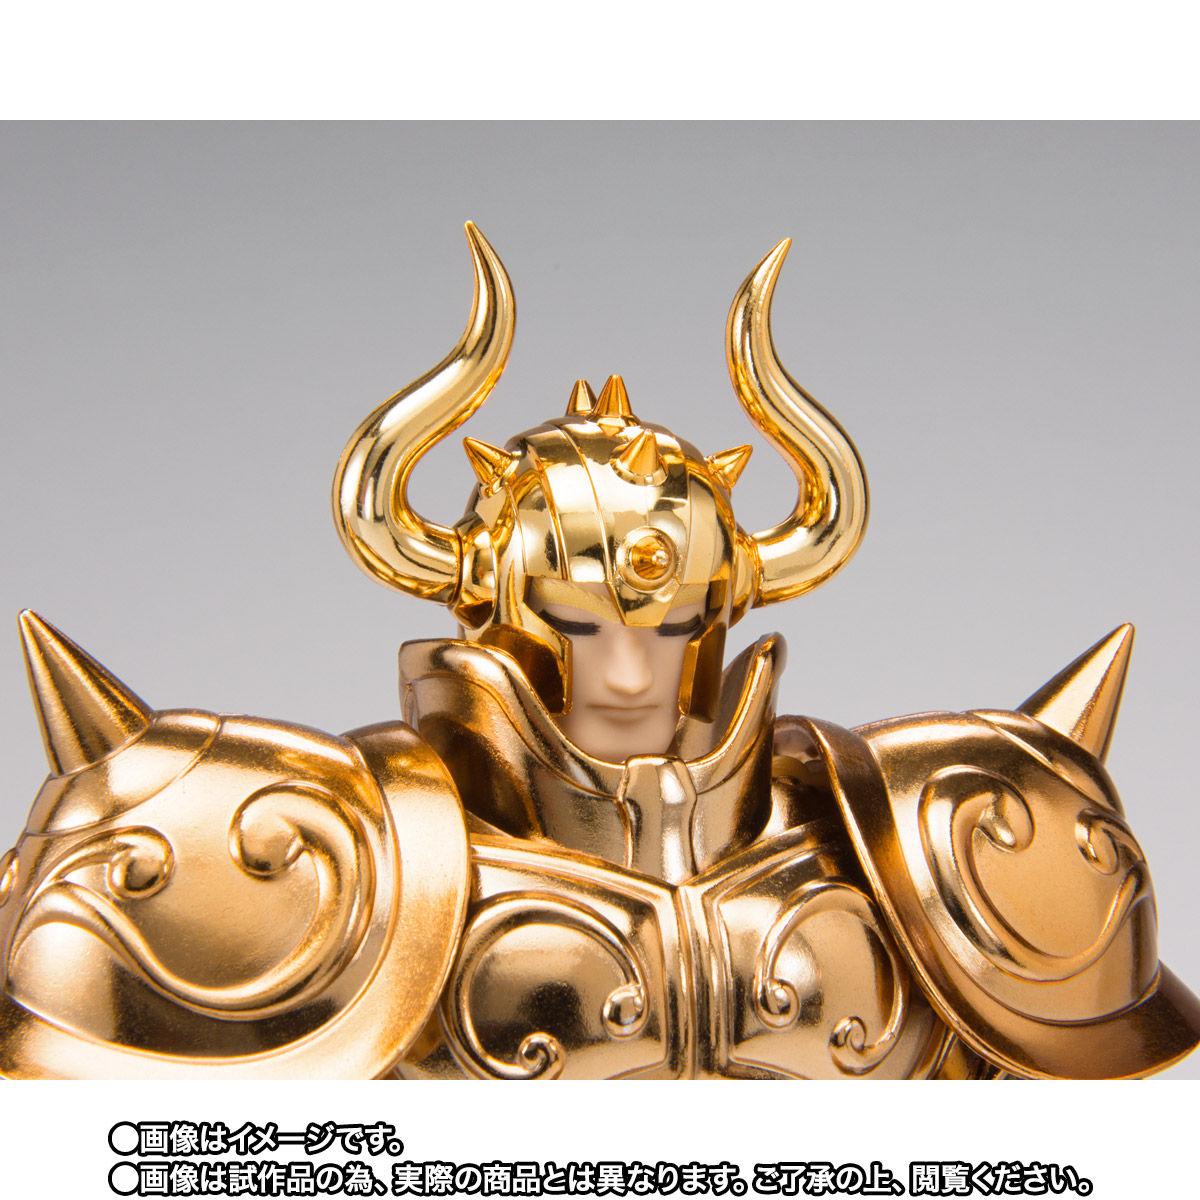 【限定販売】聖闘士聖衣神話EX『タウラスアルデバラン ~ORIGINAL COLOR EDITION~』可動フィギュア-006